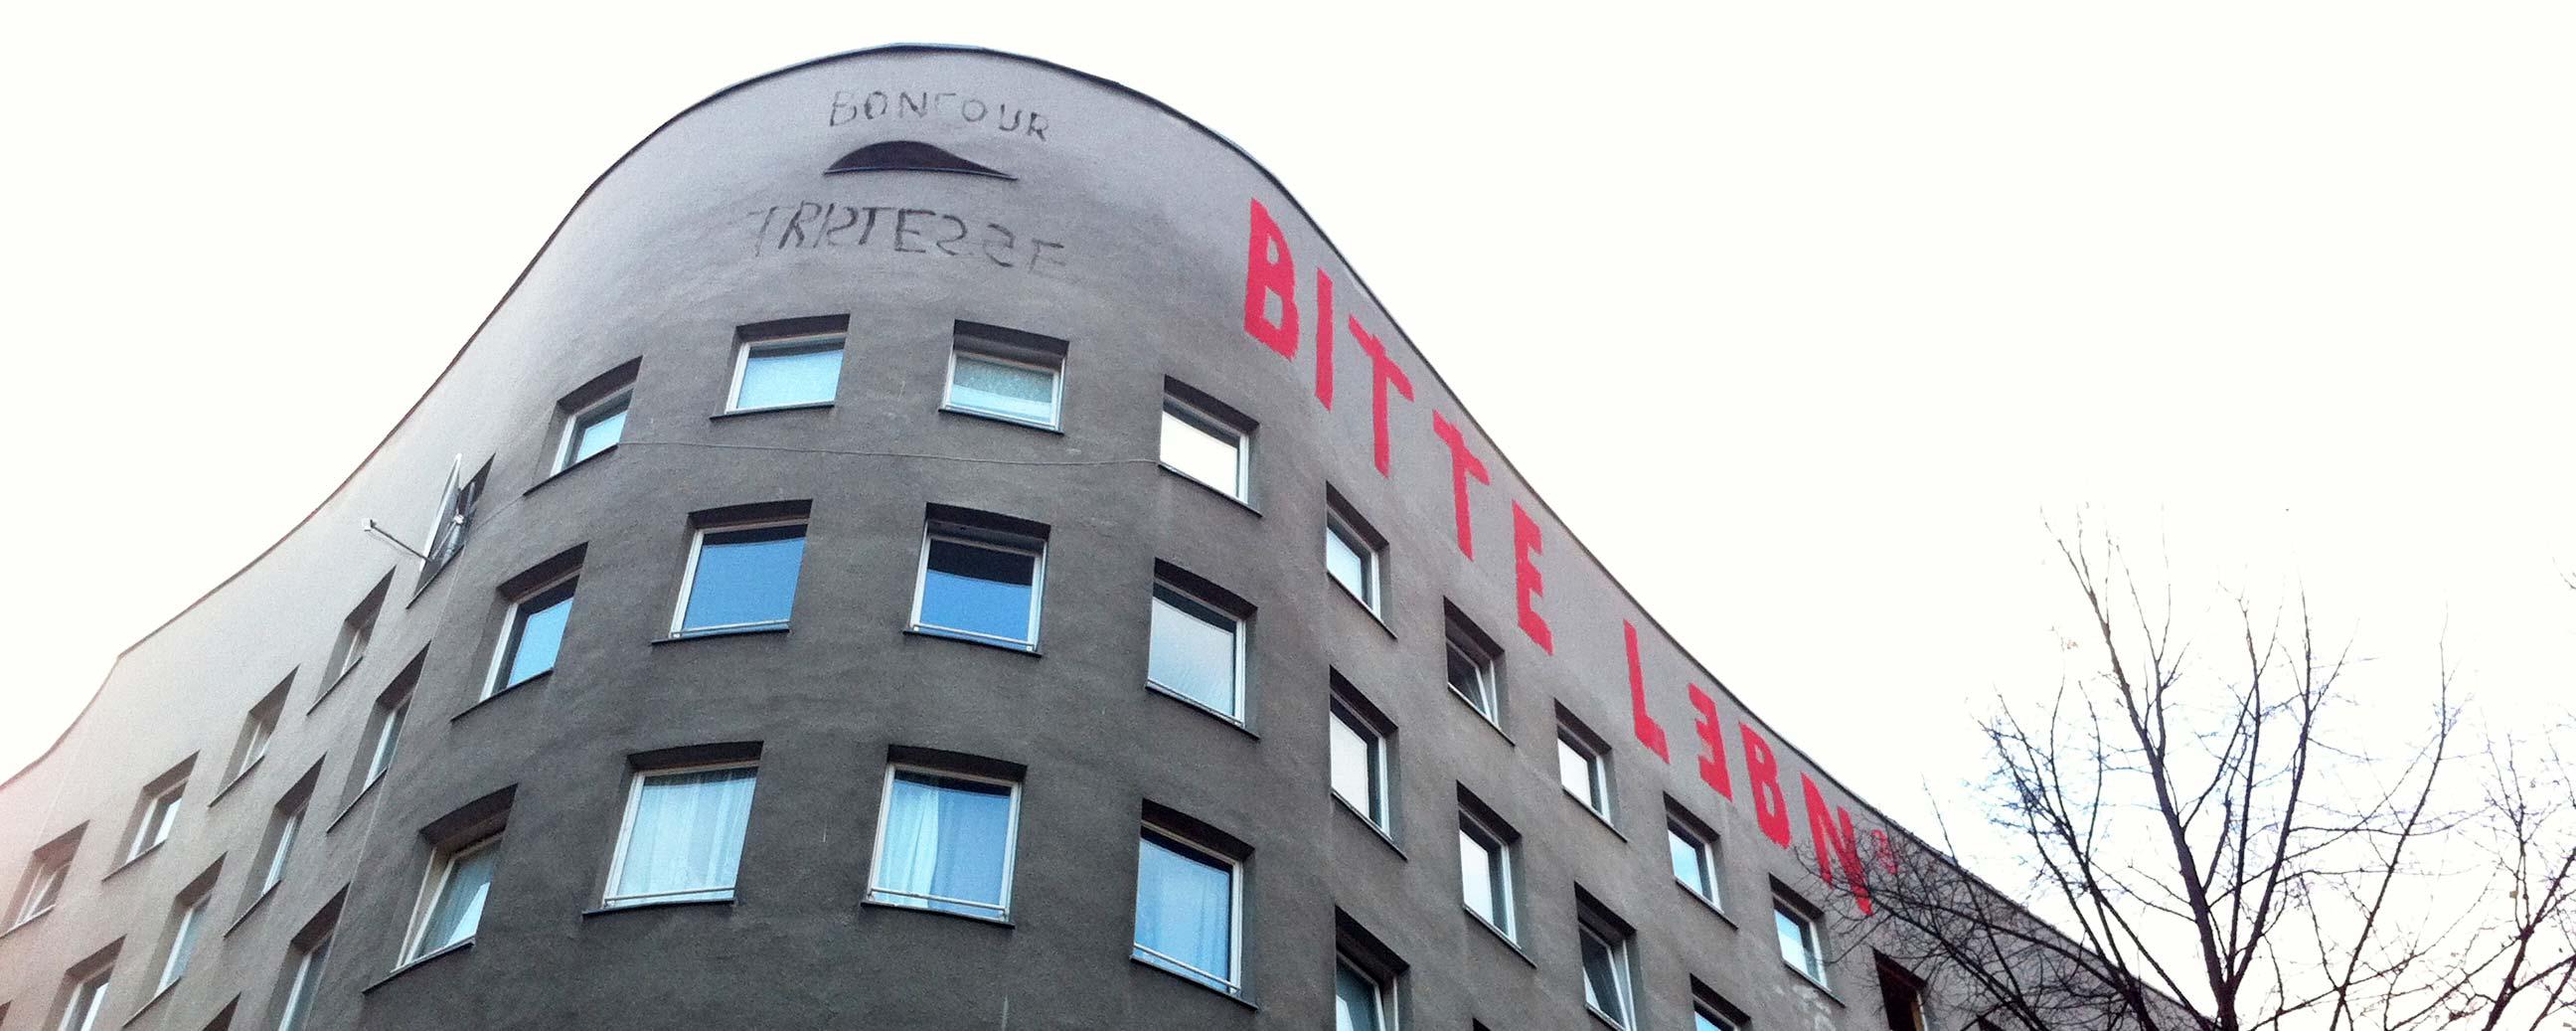 Apartment building in Kreuzberg, Berlin. Photo: Berlinow